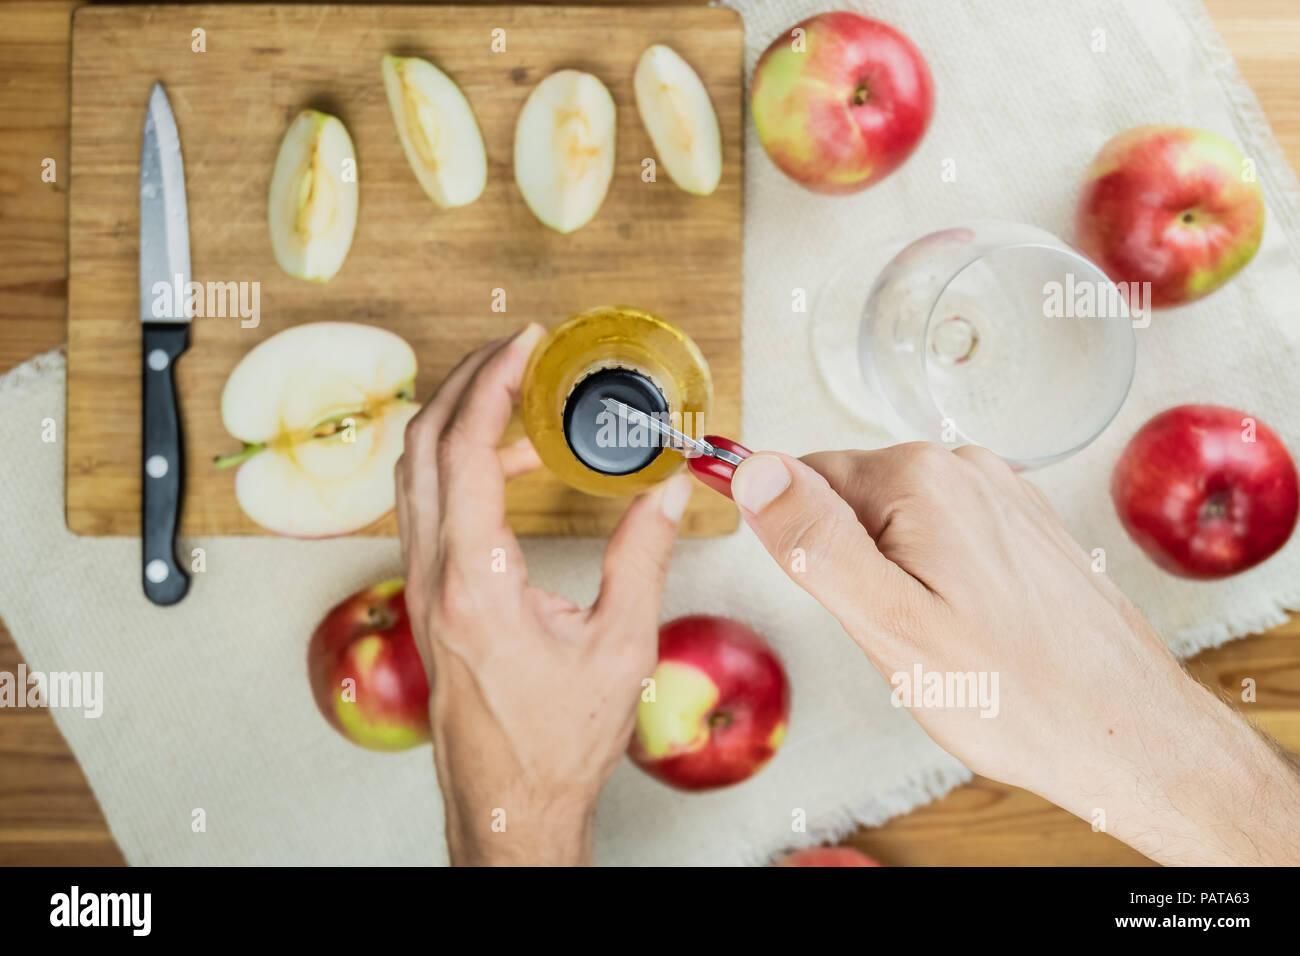 Ouverture d'une bouteille de cidre de pomme boisson, vue d'en haut. Point de vue de la main avec un ouvre-boîte, la préparation d'un verre de cidre sur table en bois rustique avec appl mûrs Photo Stock